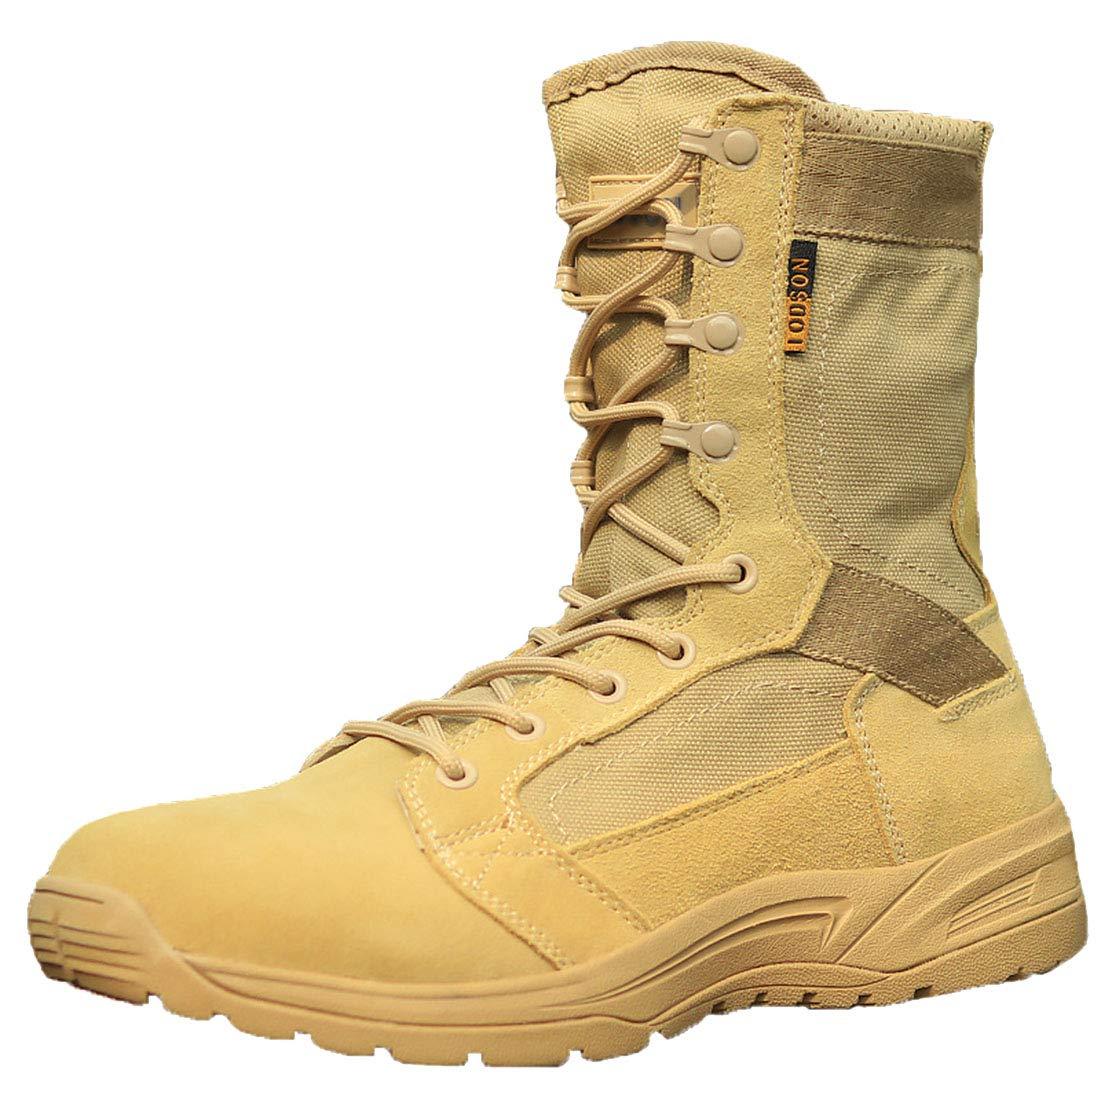 Beige FLYA Chaussures de randonnée pour Hommes avec Chaussures de randonnée pour Toutes Les Saisons, Marche, randonnée, Camping, randonnée, vélo,Beige-36EU 37EU